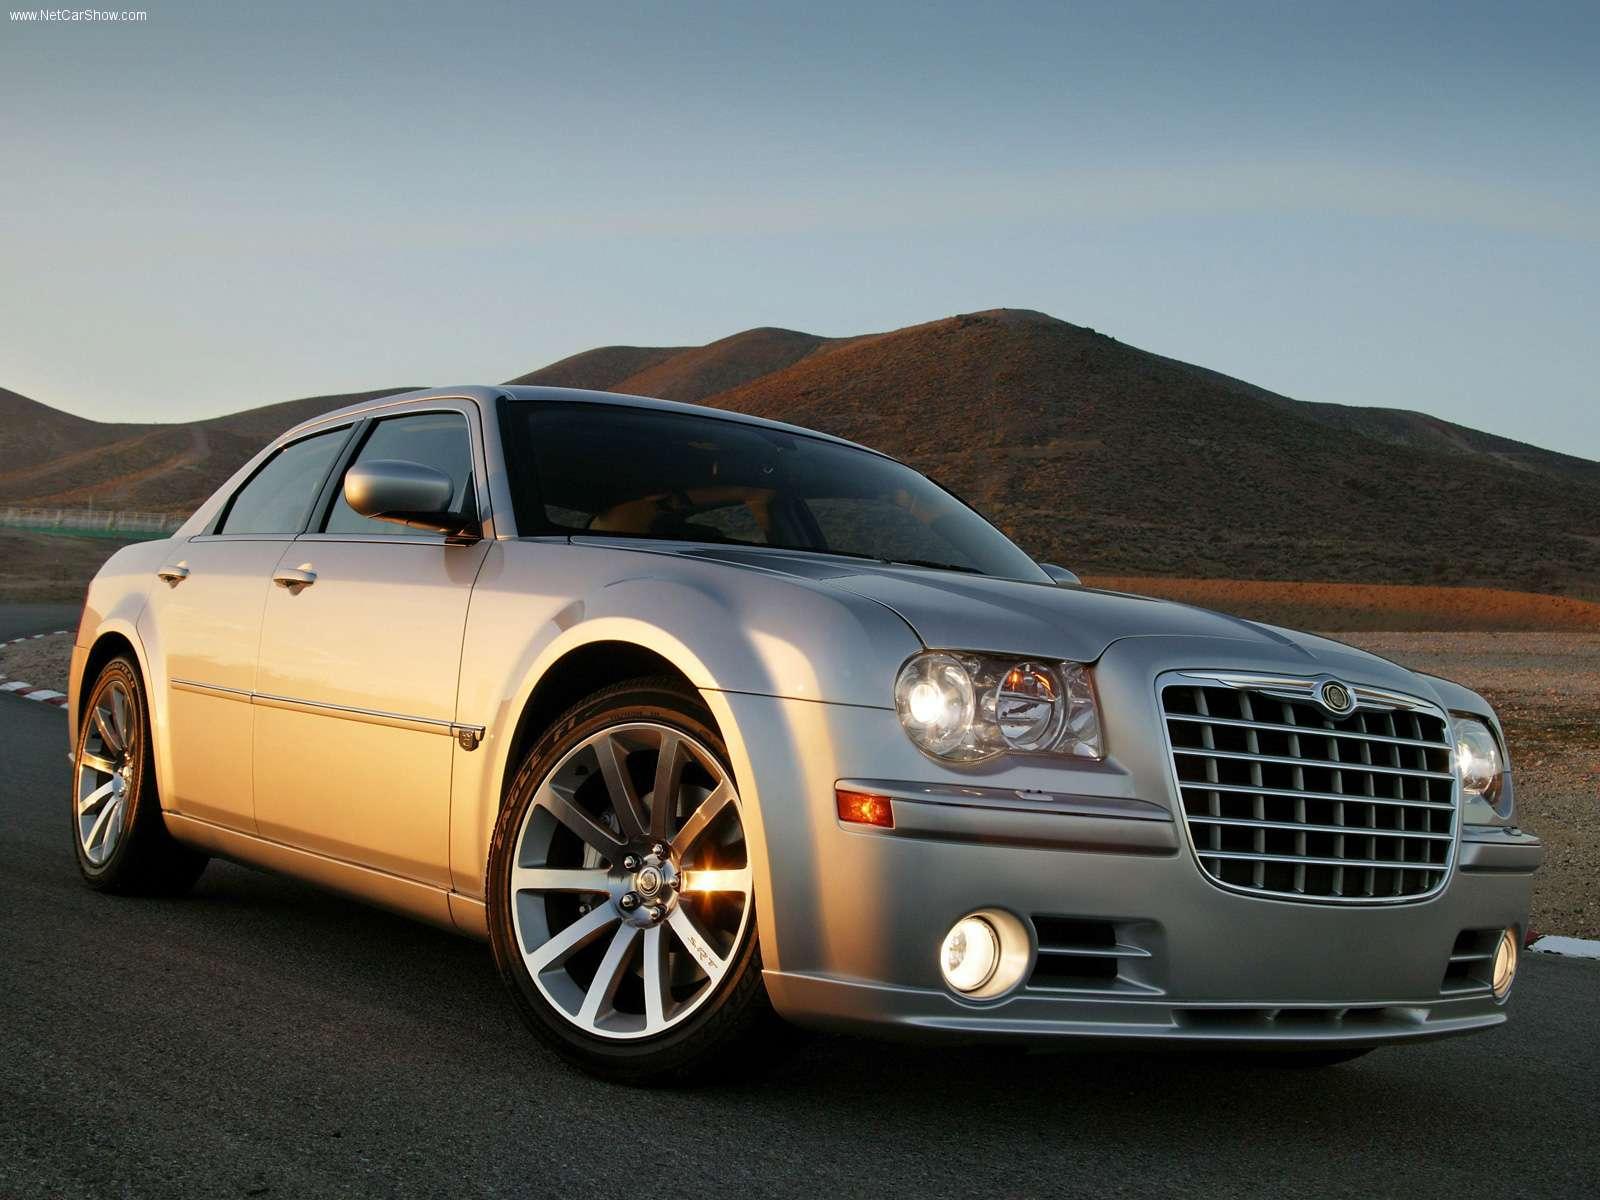 Hình ảnh xe ô tô Chrysler 300C SRT8 2005 & nội ngoại thất